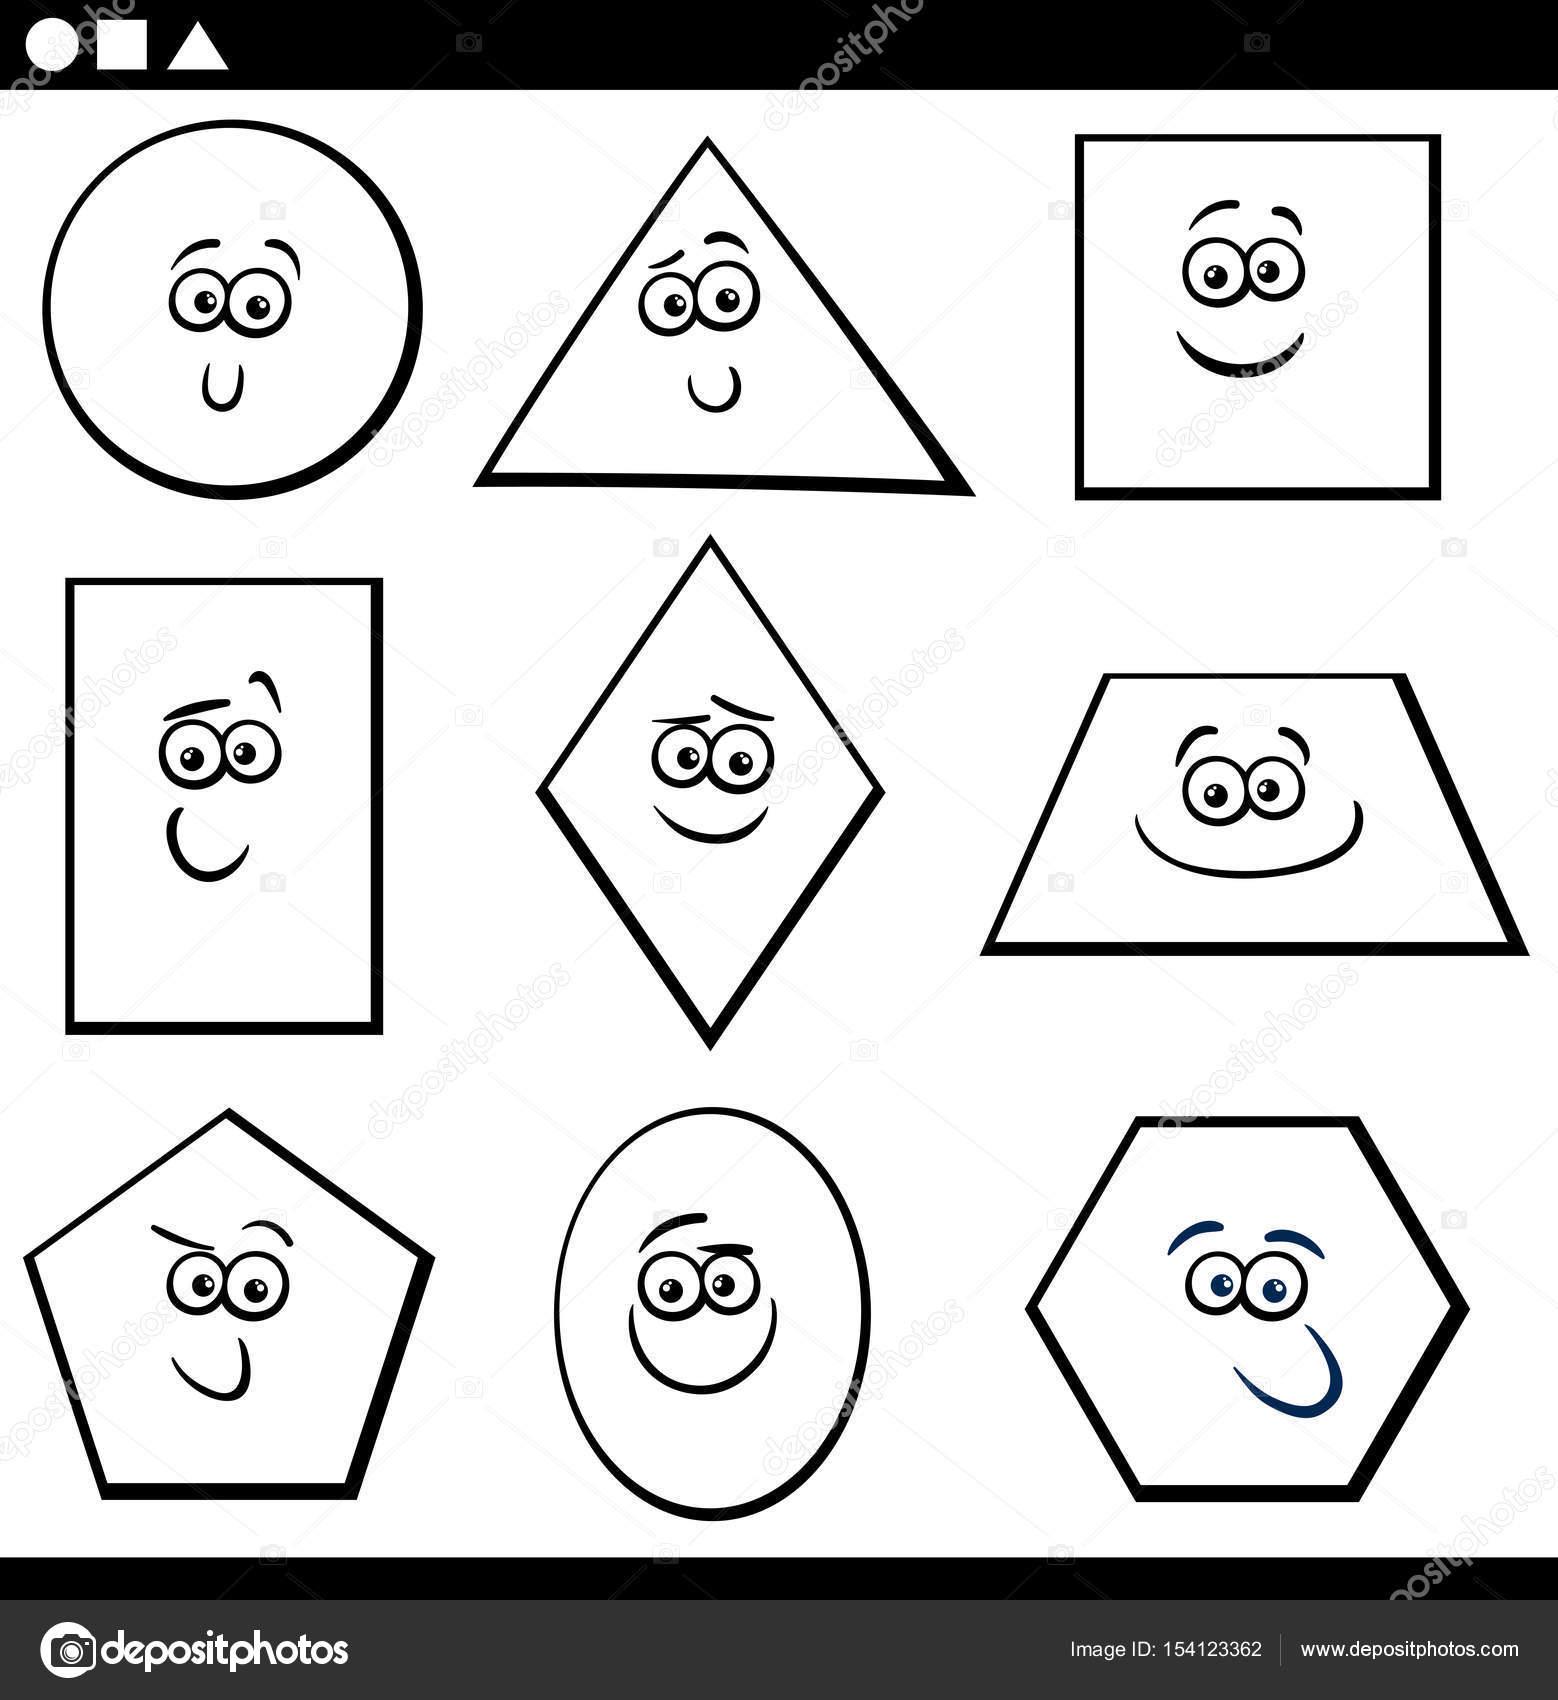 Boyama Temel Geometrik şekiller Stok Vektör Izakowski 154123362